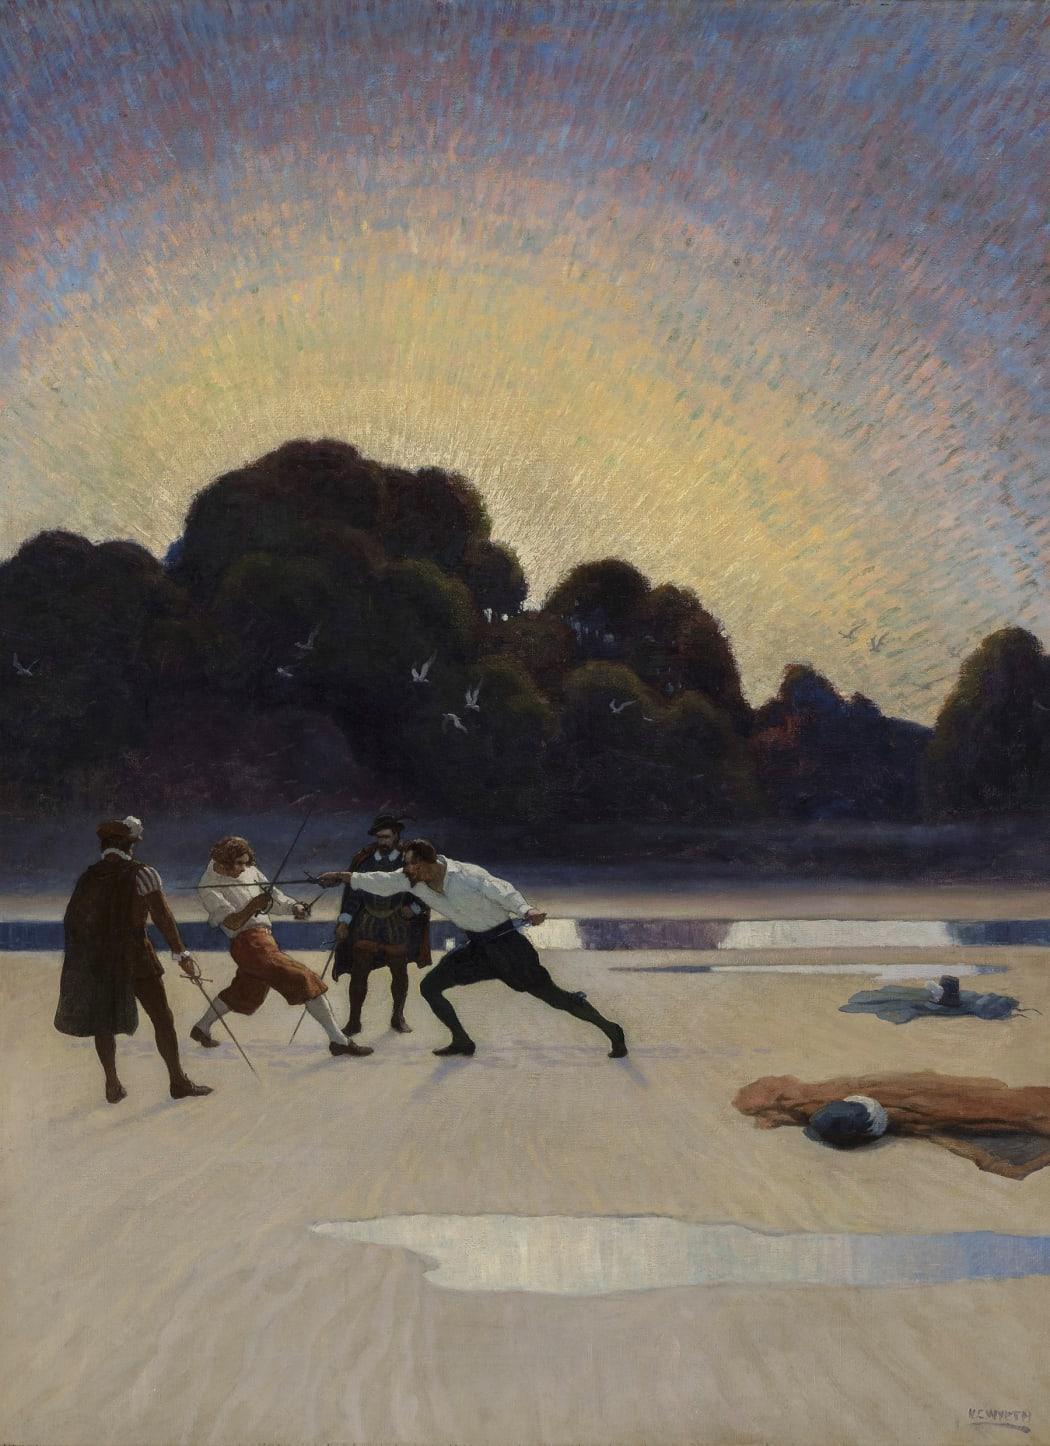 N.C. Wyeth, The Duel on the Beach, 1920